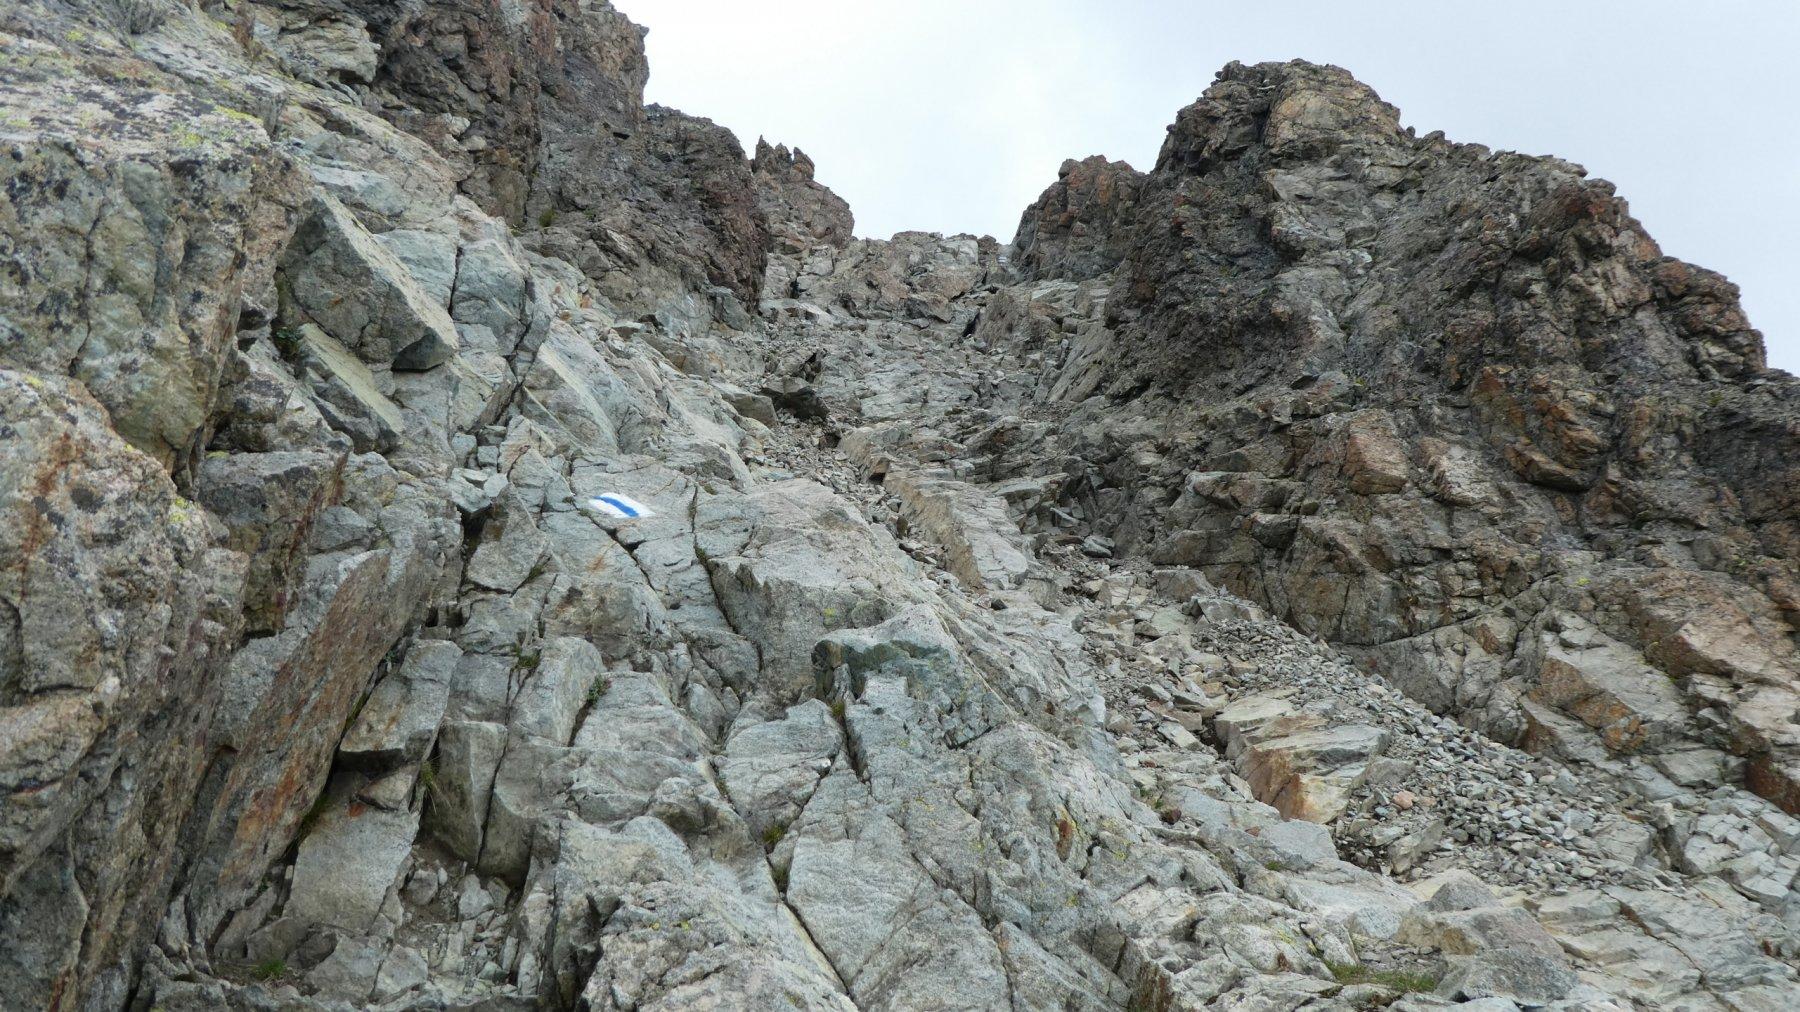 un tratto del percorso della cresta SE del Piz Julier a quota 3030 m